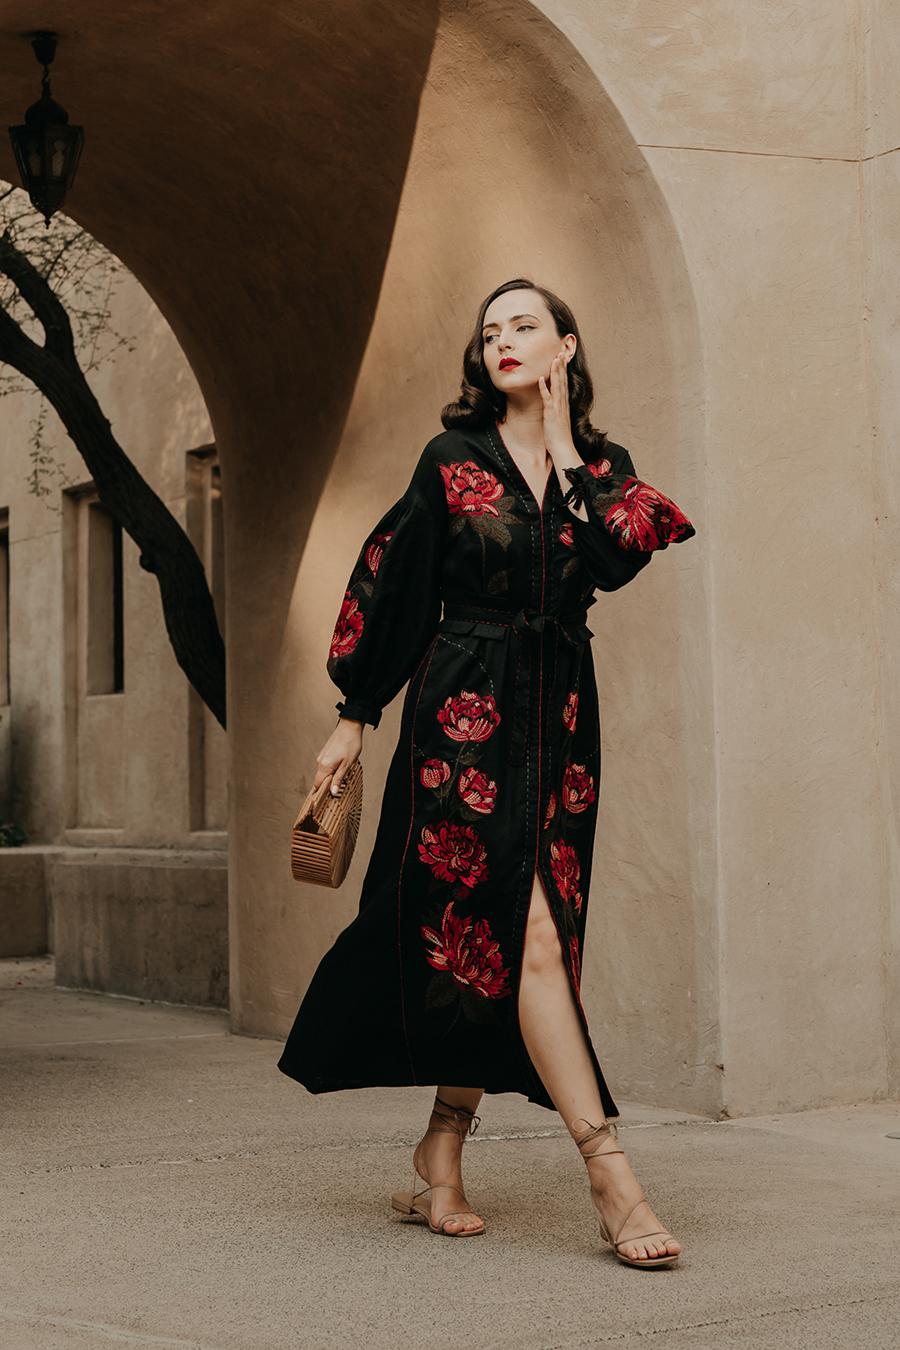 день вышиванки незалежНості независимости украинский бренд где купить платье вышитое черное красное